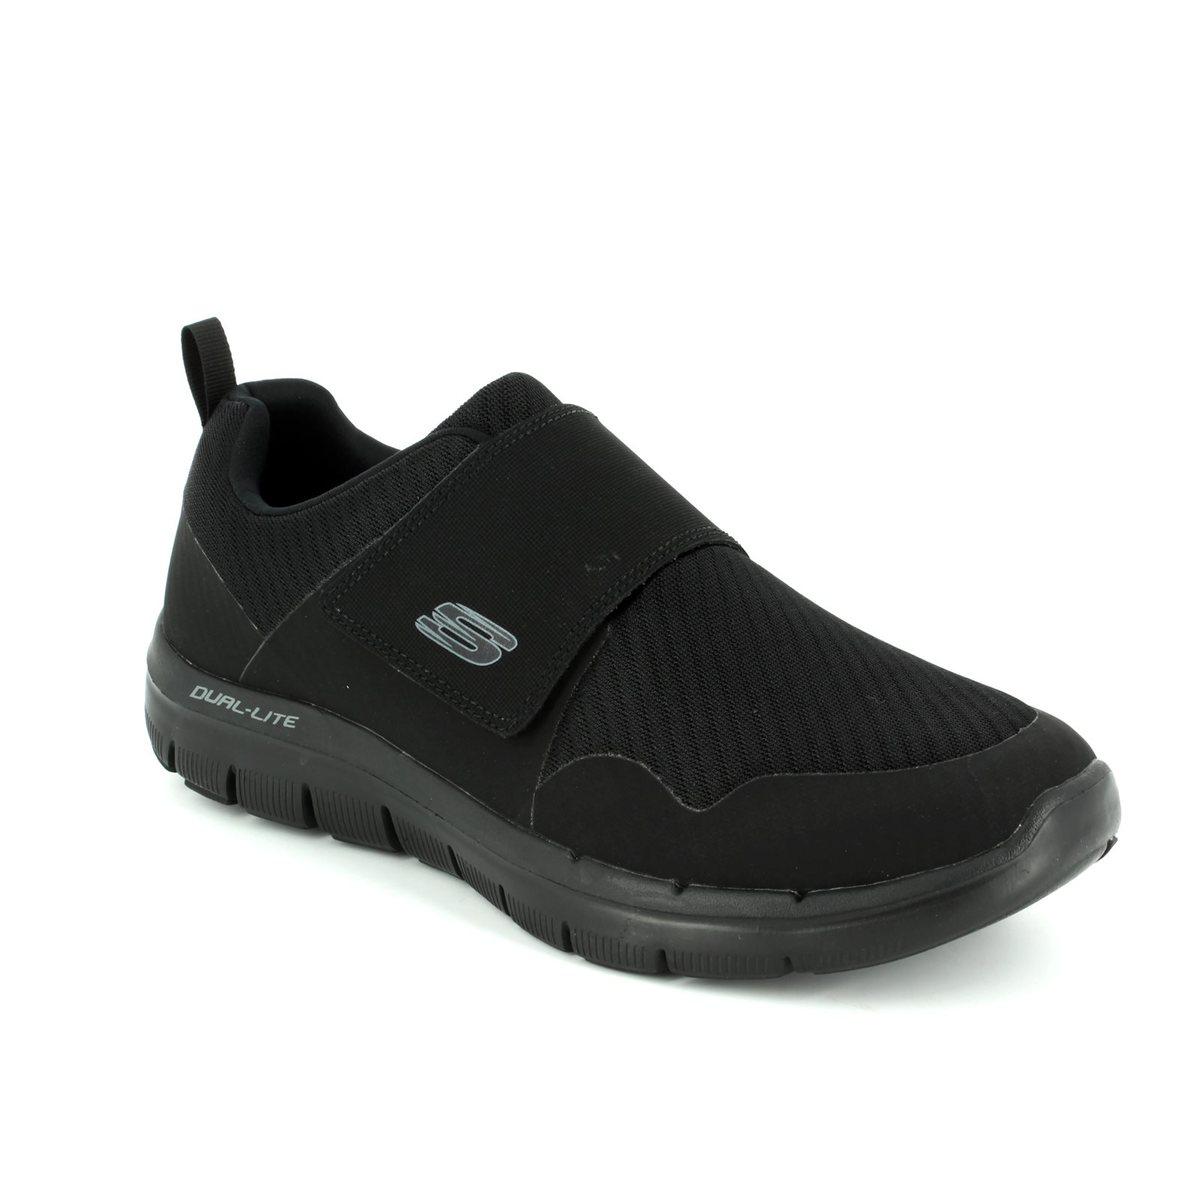 Skechers Gurn 52183 BBK Black slip-on